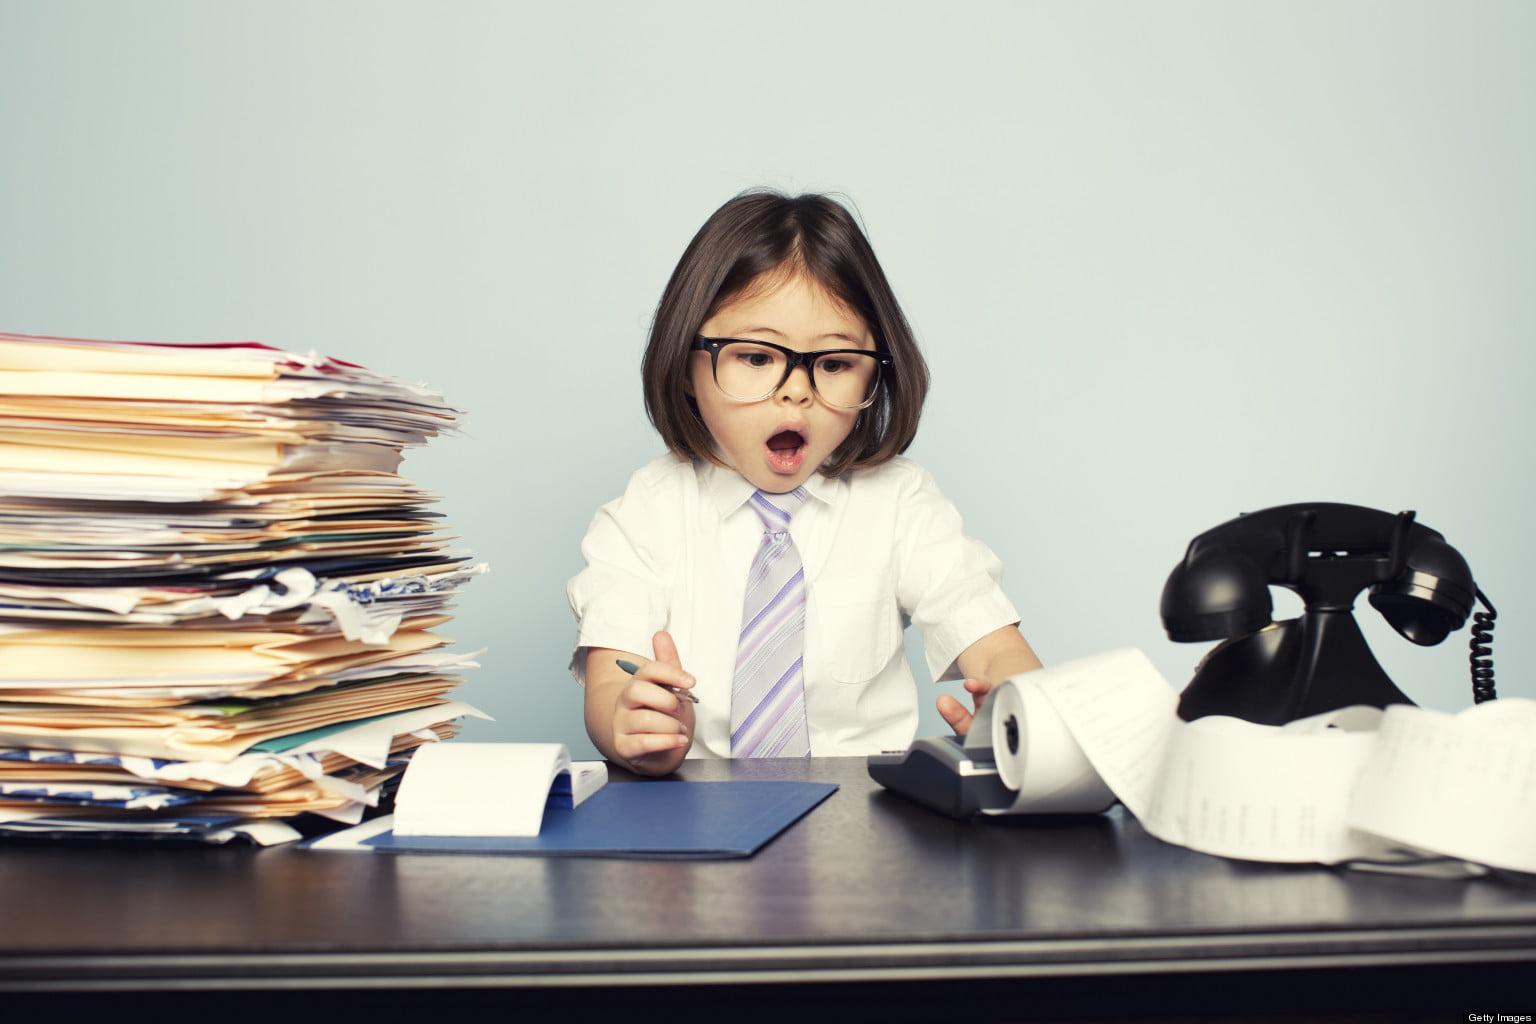 چند ایده کسب و کار کوچک برای فرزندان